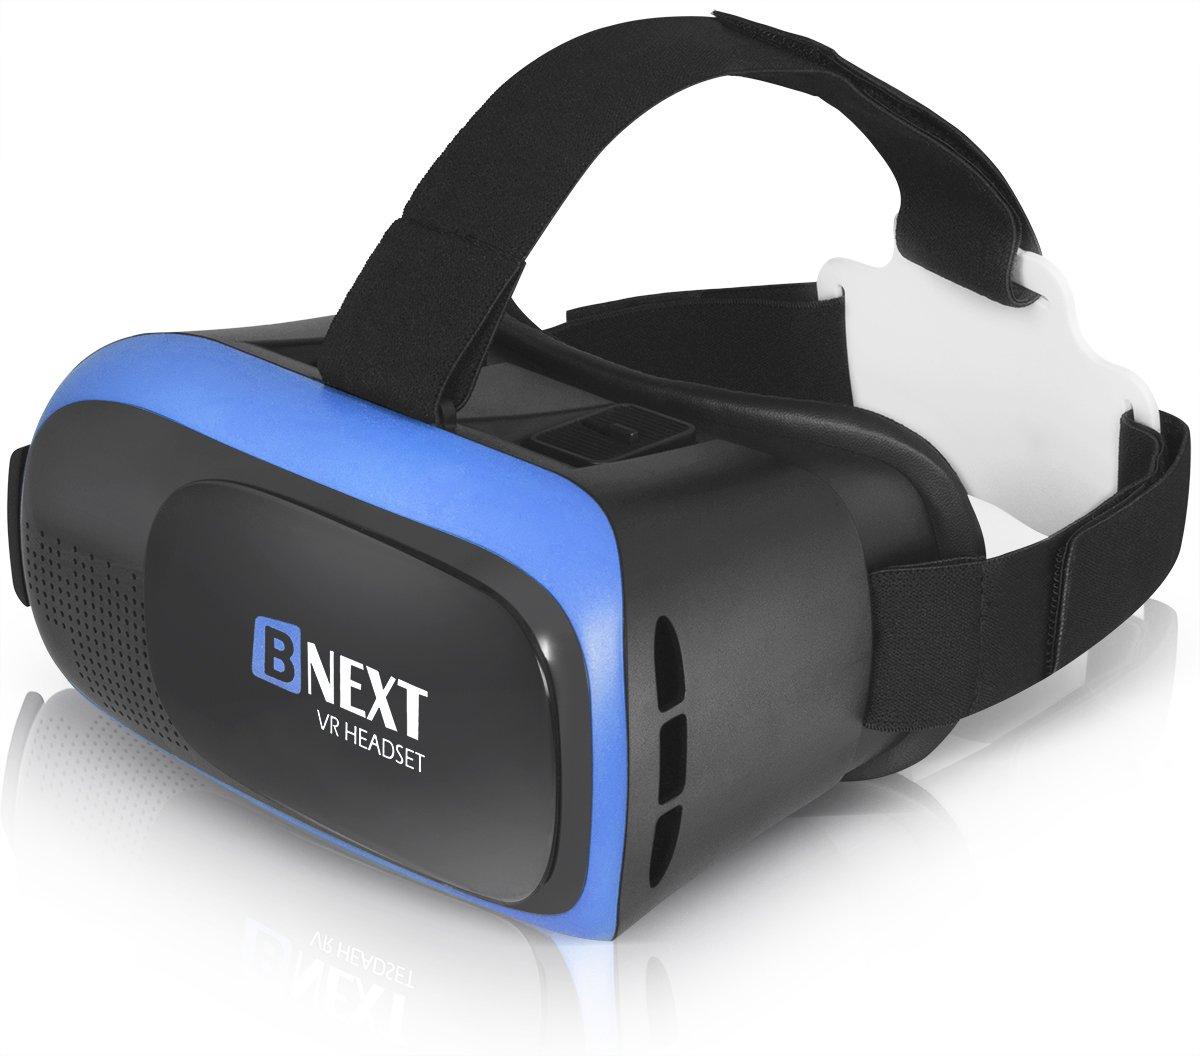 Casque Réalité Virtuelle, Casque VR pour iPhone & Android – Lancez Les Meilleures Applications/Jeux et Regardez Vos vidéos 3D & 360 avec Un Casque Doux, Confortable et réglable